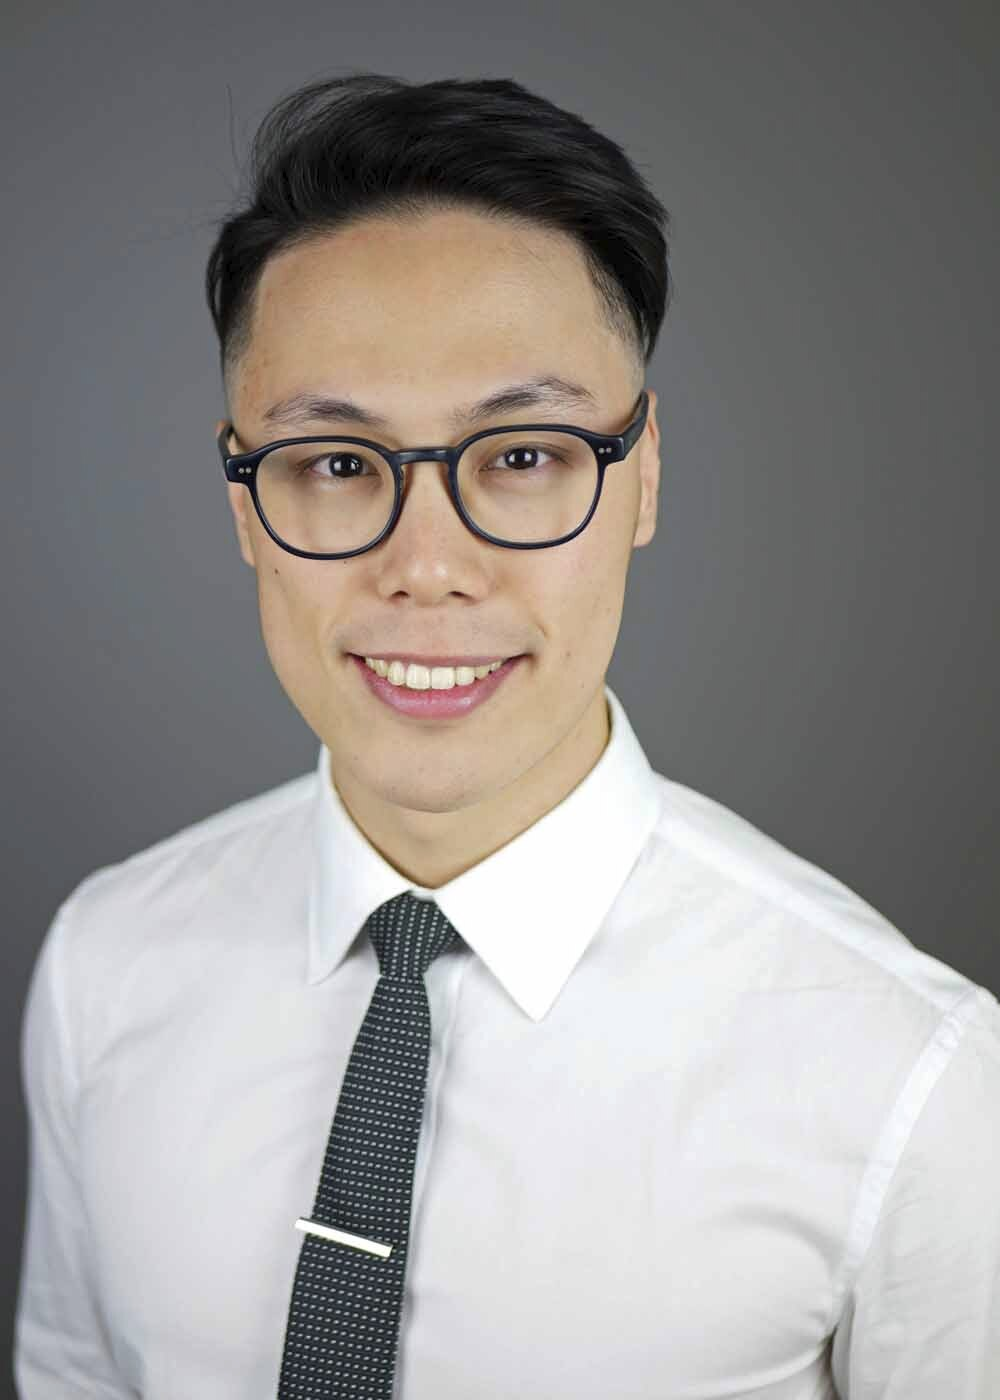 portrait of Dr. Michael Yang